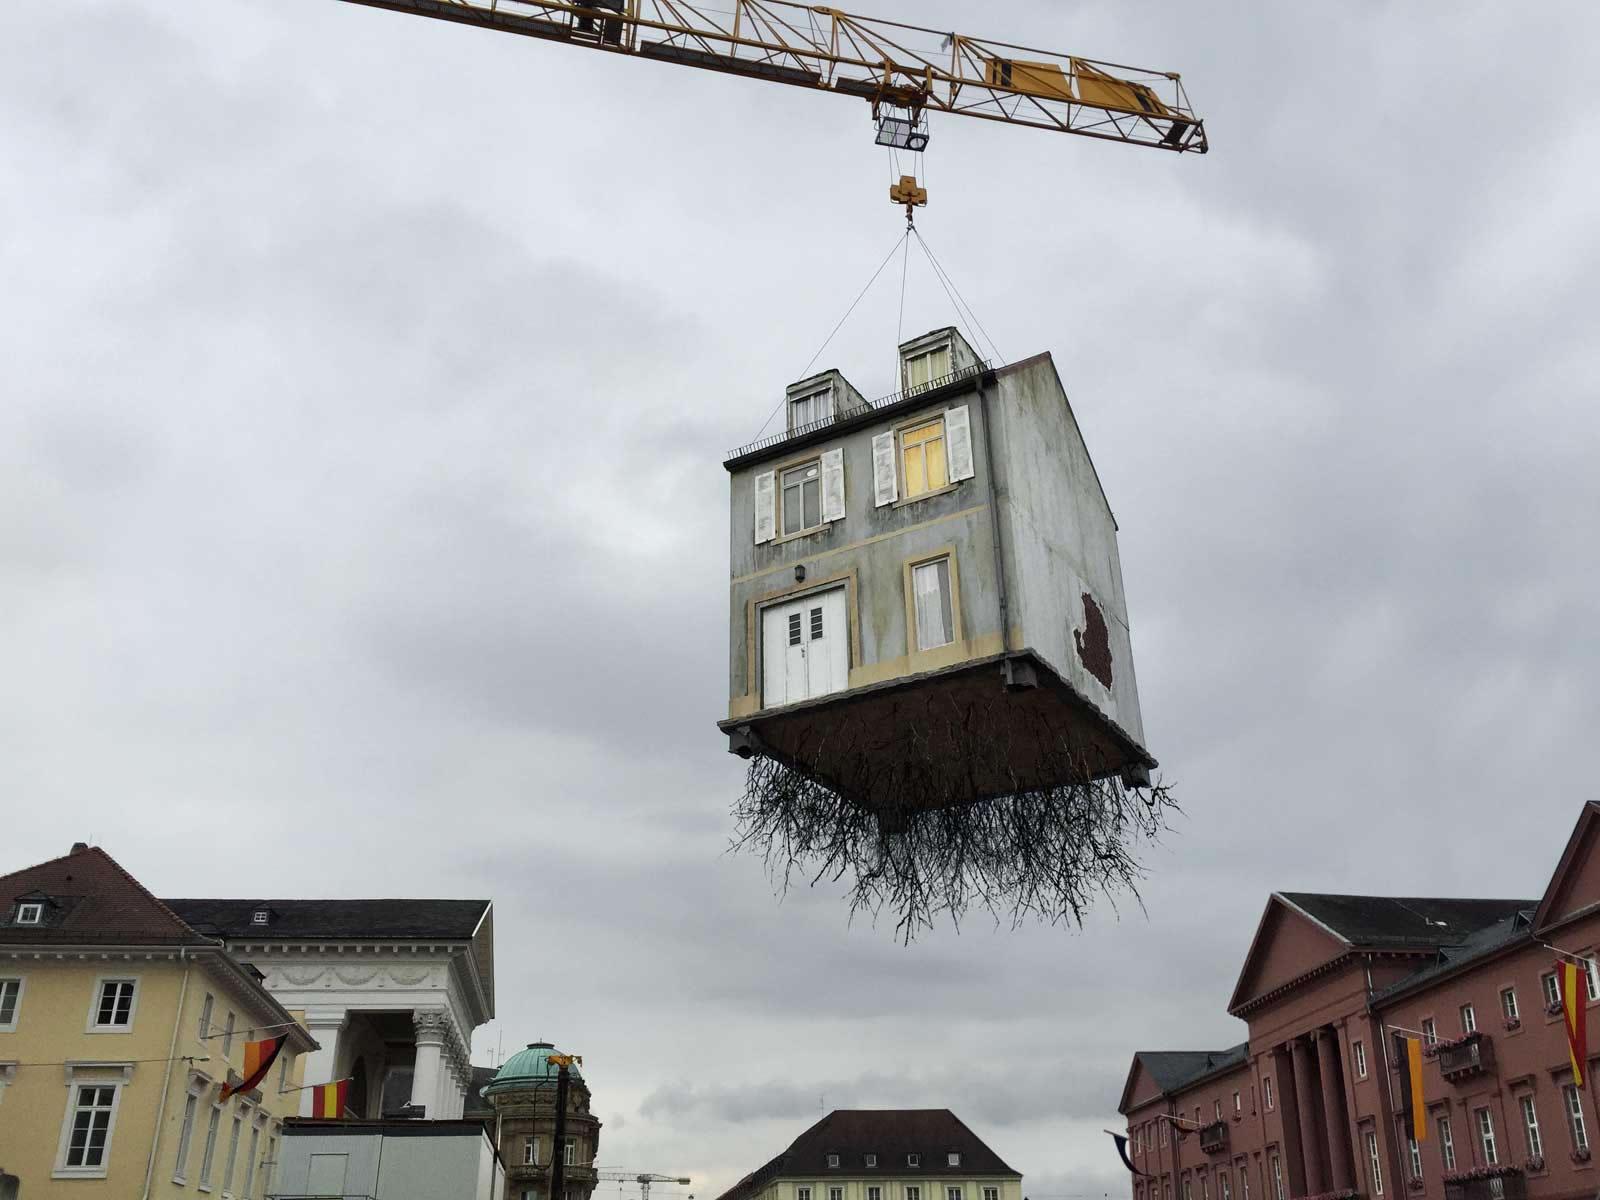 House Installation by artist Leandro Erlich